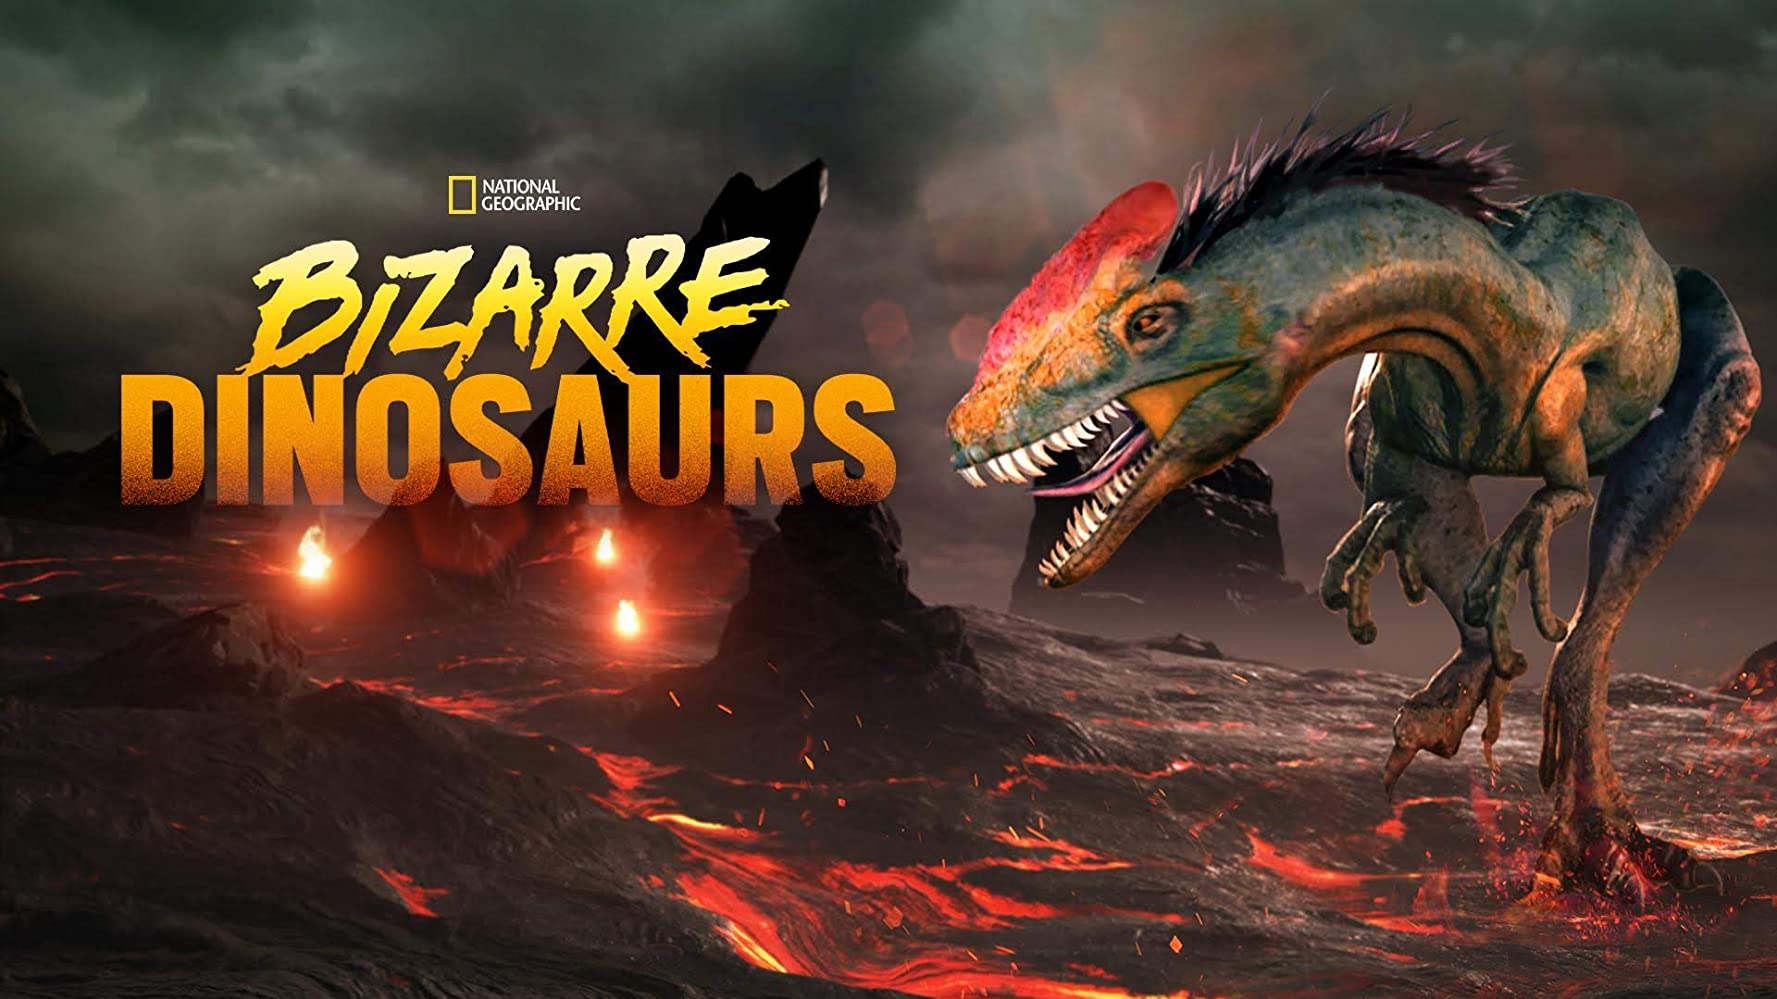 affiche poster bizarre dinos dinosaurs disney nat geo